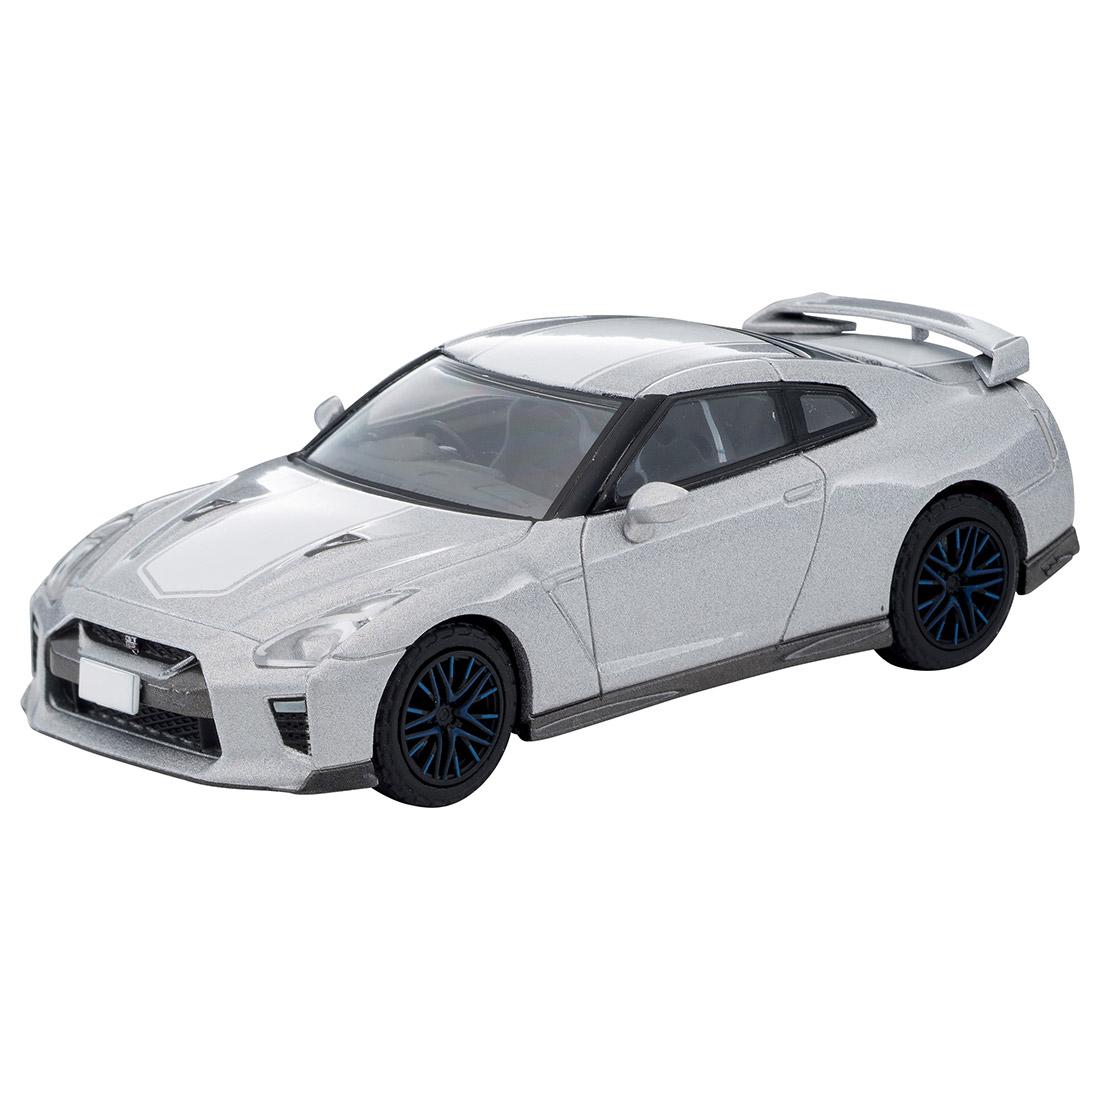 トミカリミテッドヴィンテージ ネオ LV-N200a『日産GT-R 50th ANNIVERSARY(青)』1/64 ミニカー-010